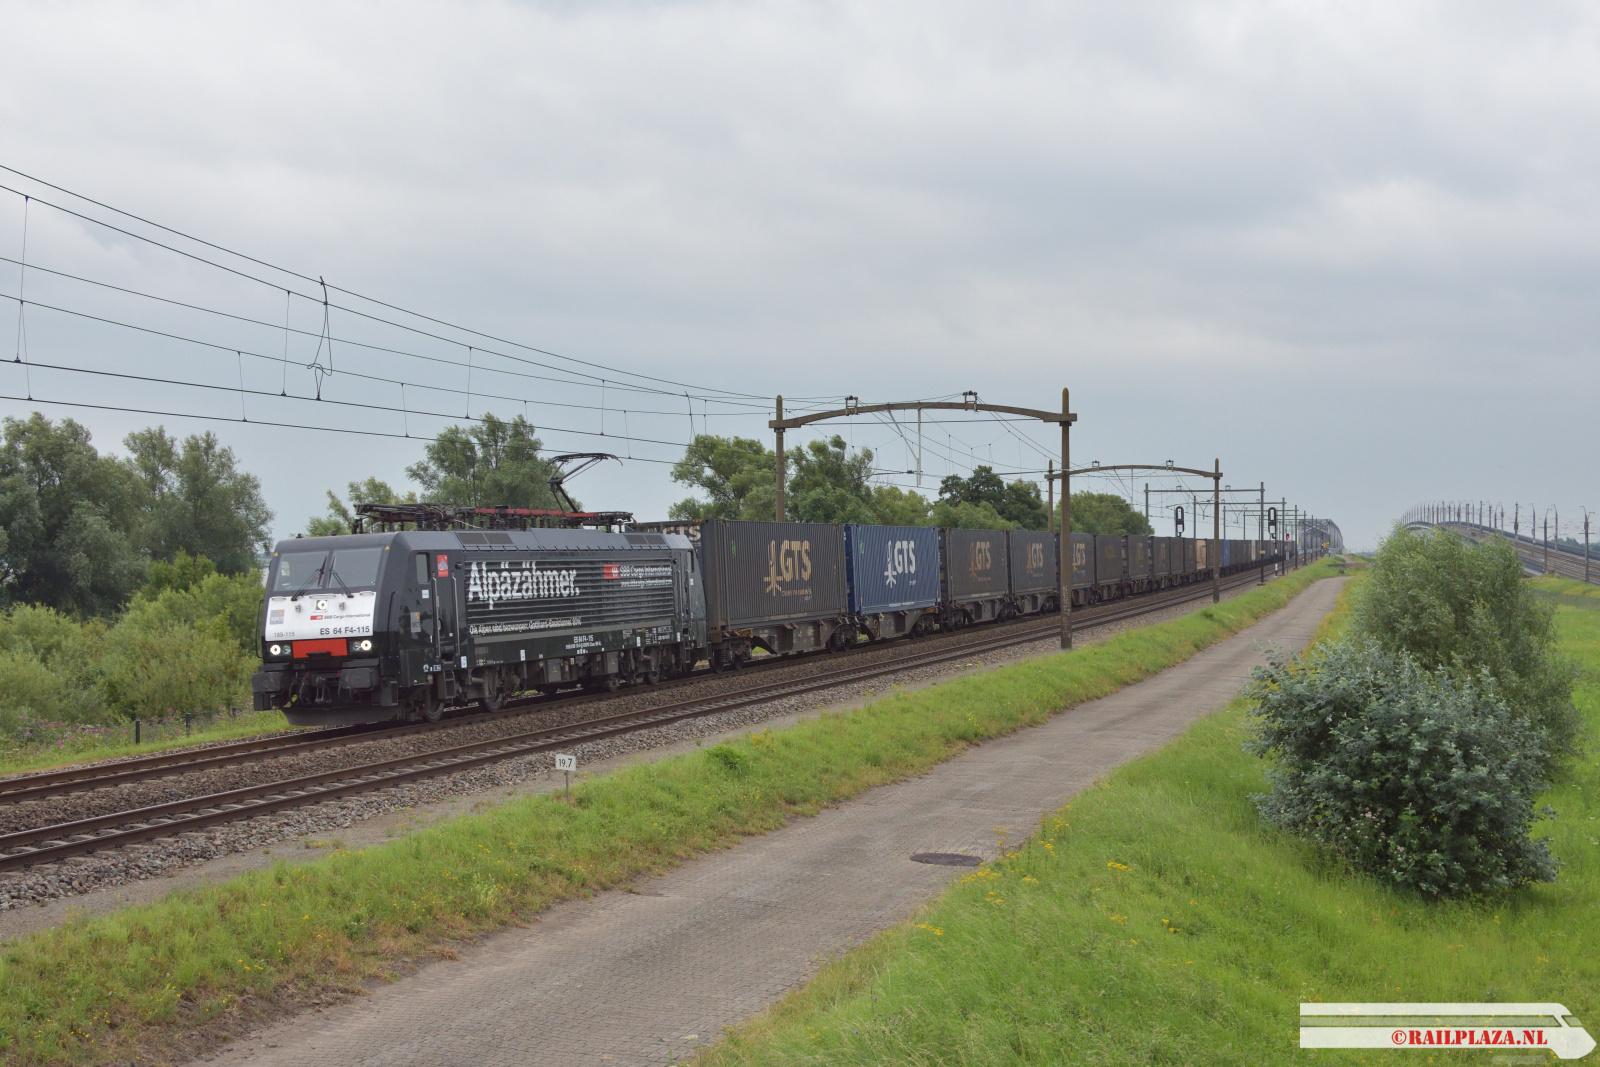 189 115 - Willemsdorp